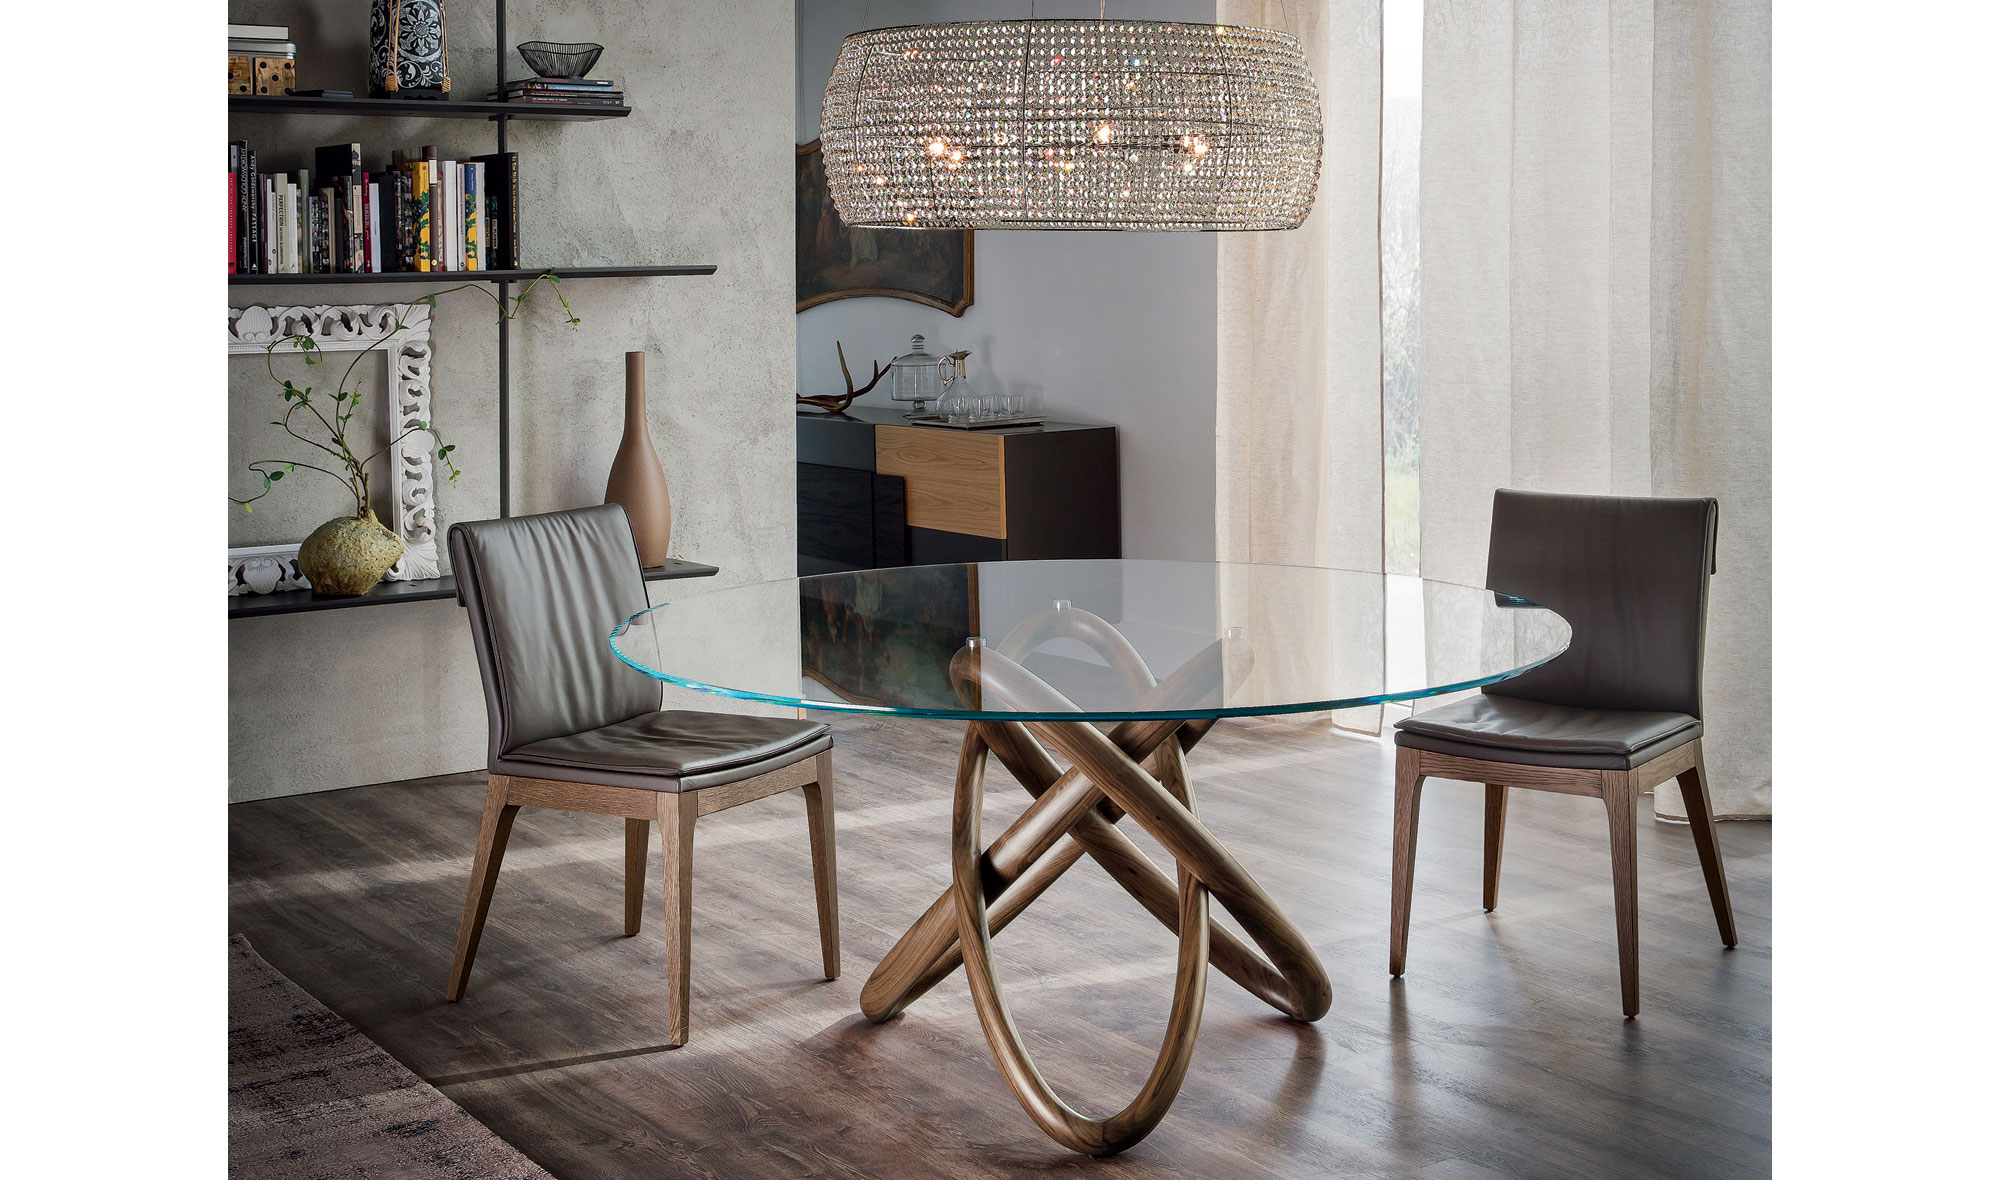 Mesa de comedor redonda carioca cattelan de lujo en tu tienda de muebles - Mesas comedor redonda ...